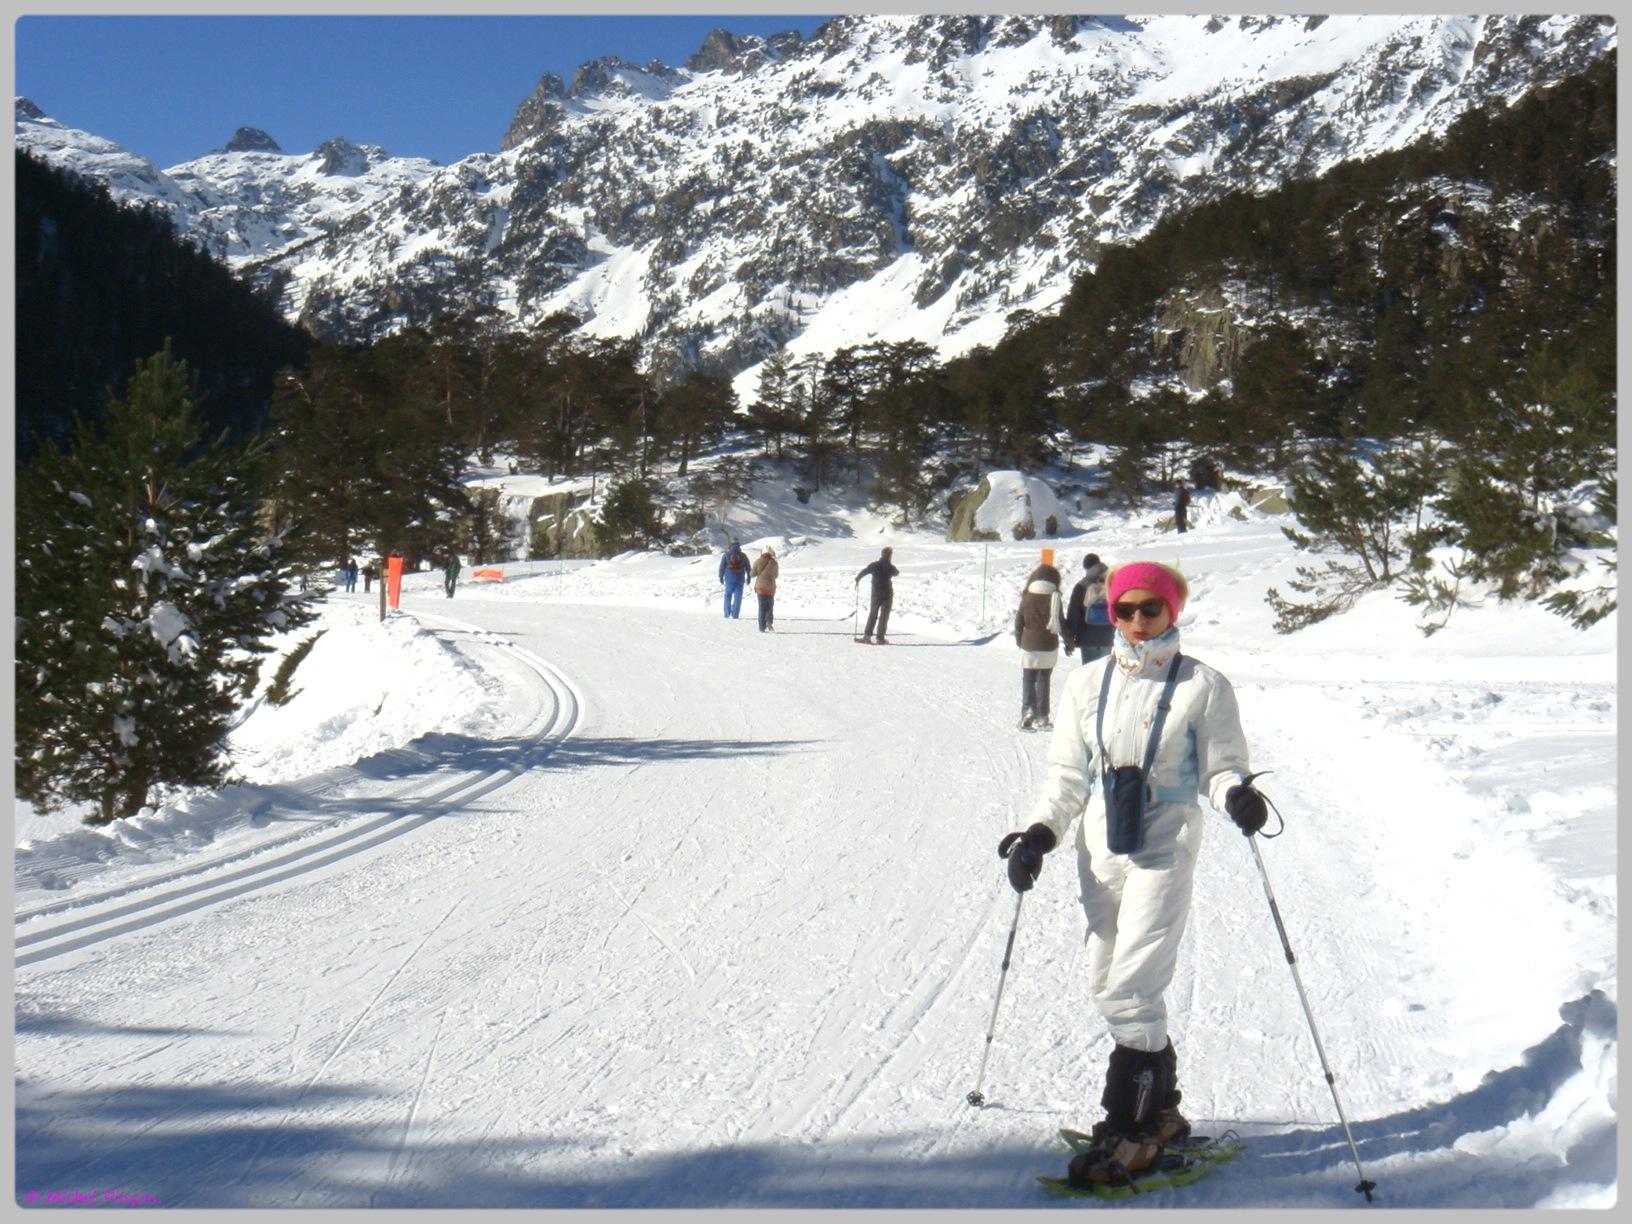 Une semaine à la Neige dans les Htes Pyrénées - Page 2 199257DSC011938